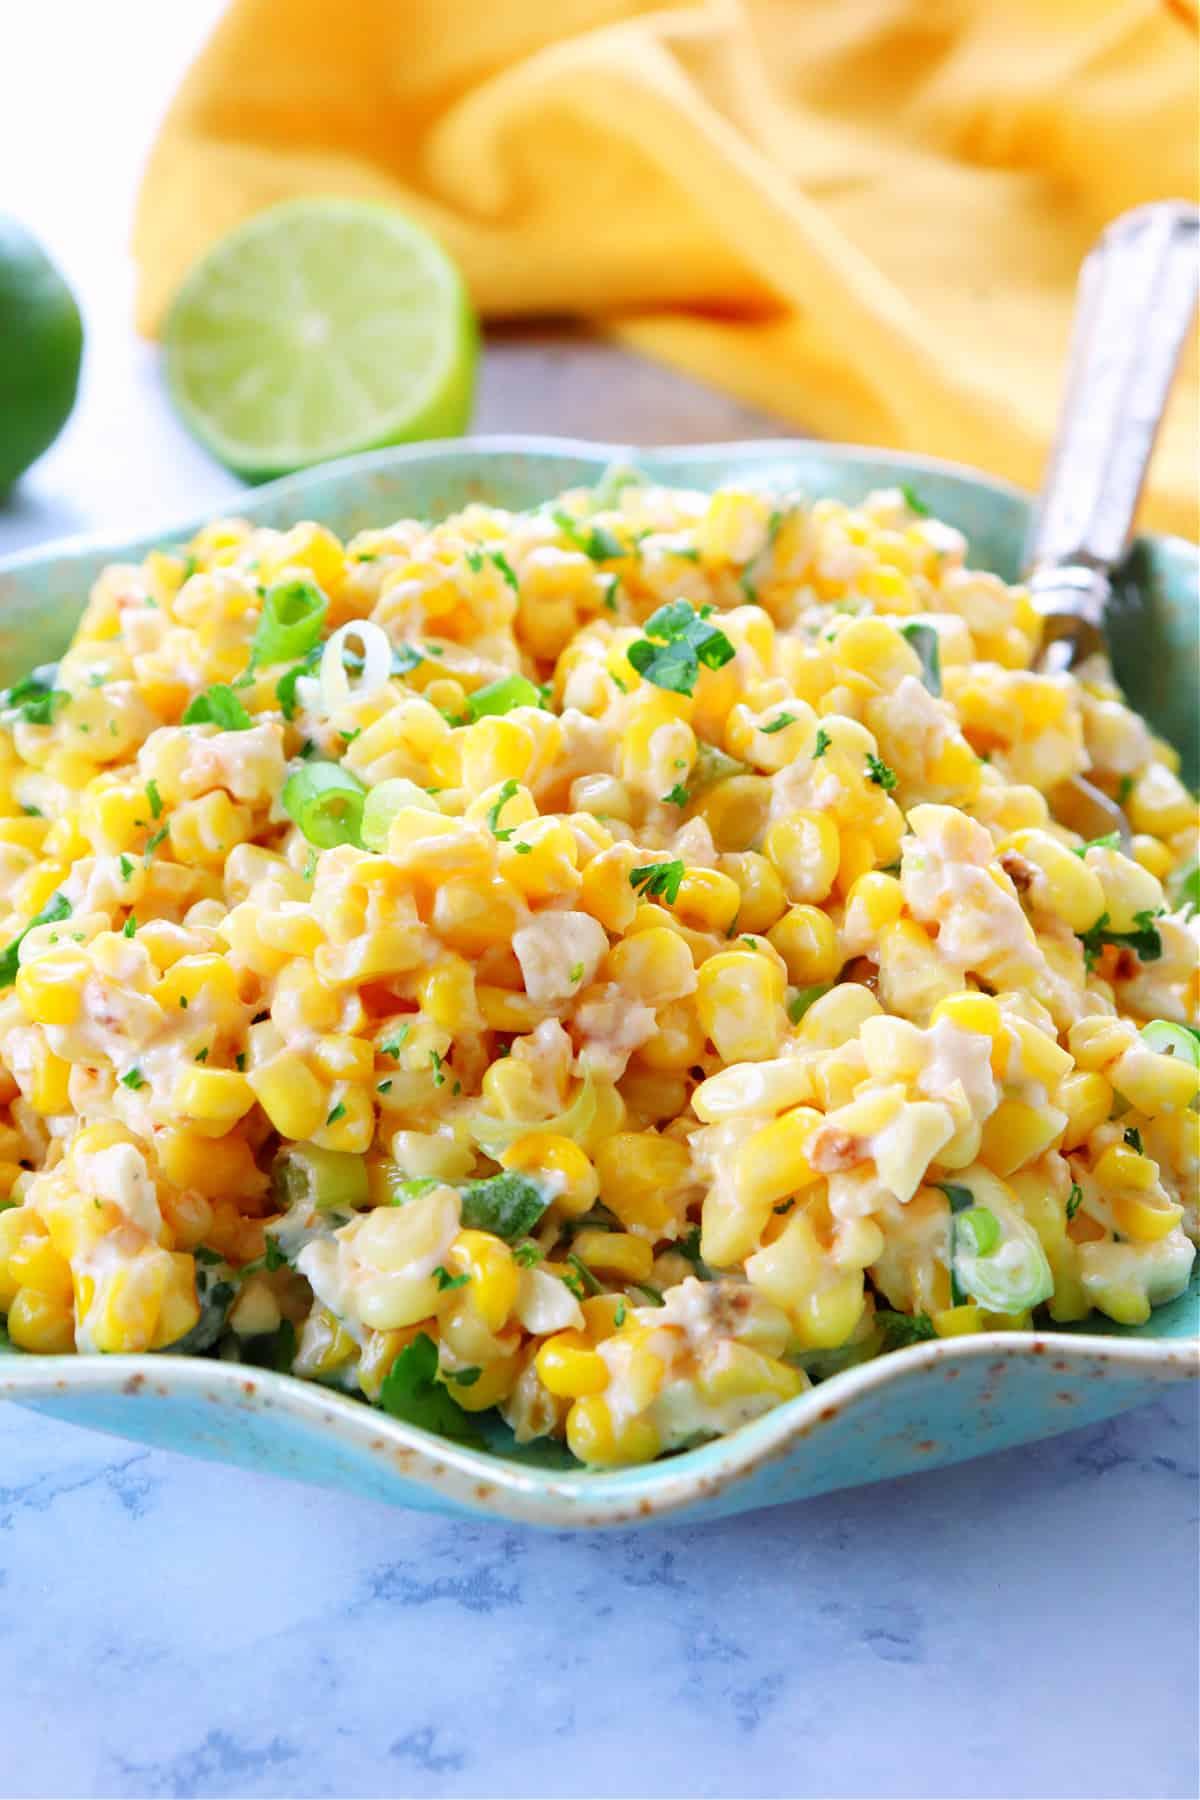 Mexican corn salad 1 Mexican Street Corn Salad (Esquites)